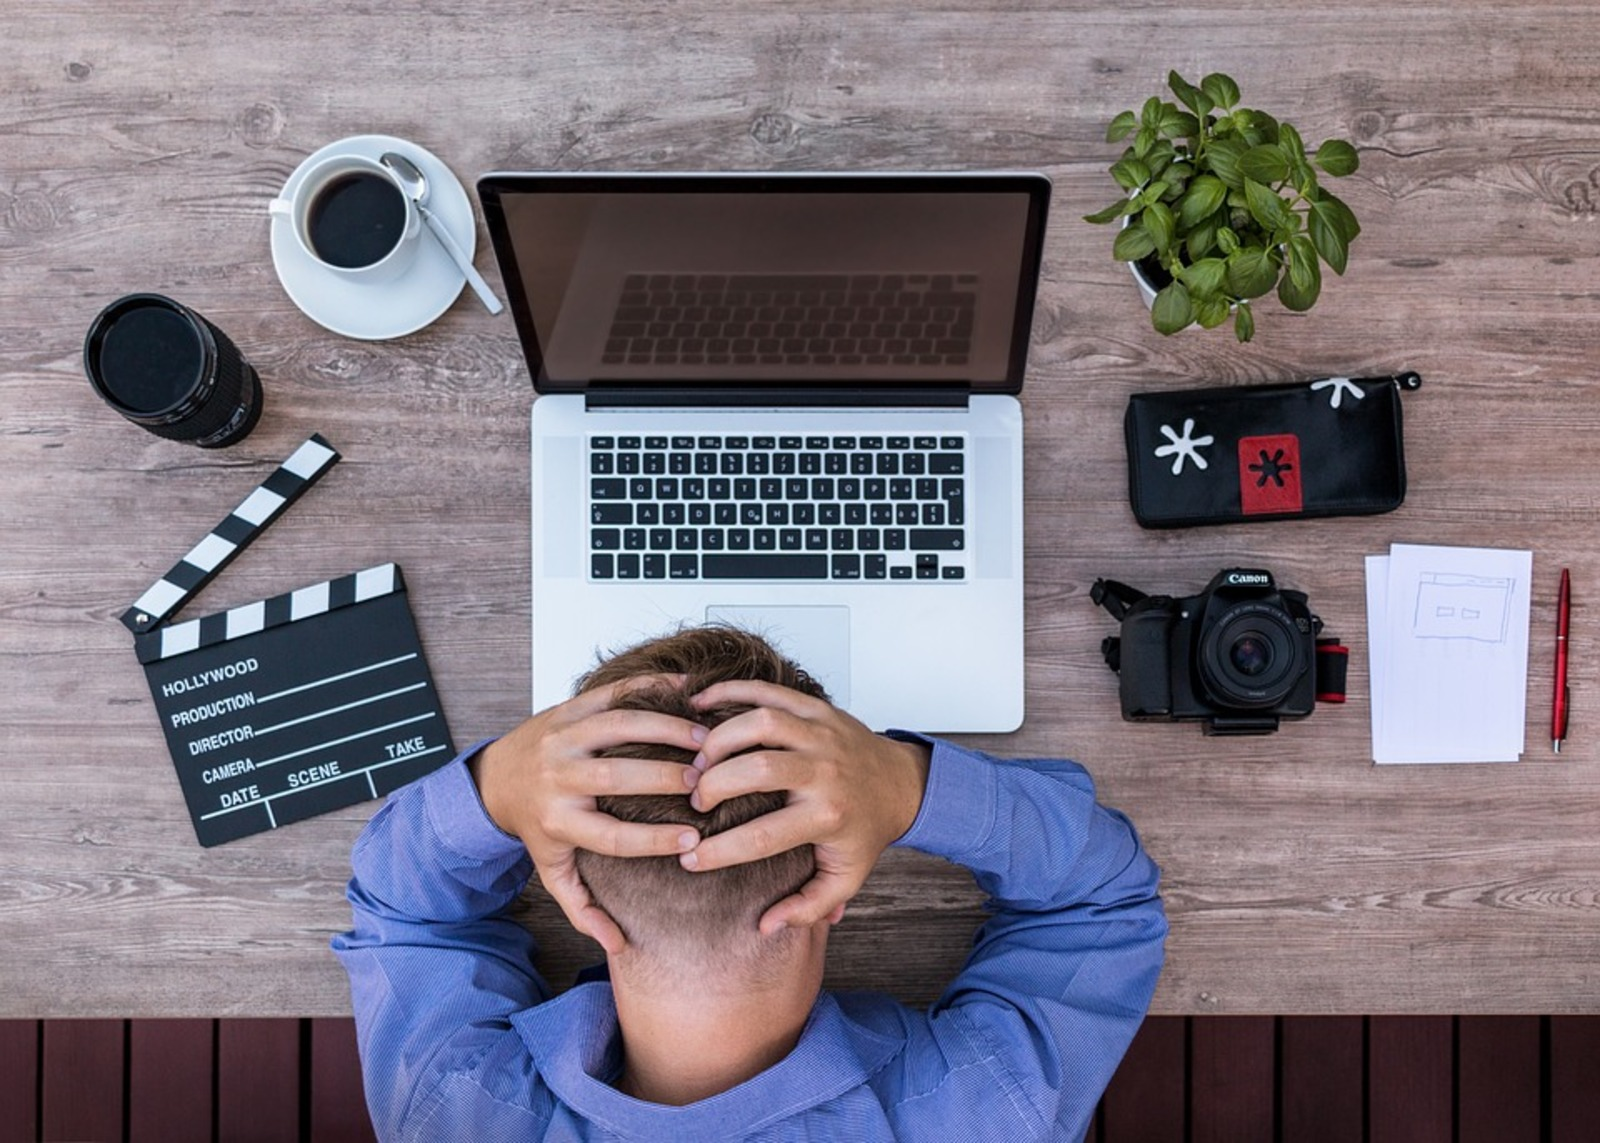 «Дышите глубже и выпускайте пар»: психолог дала советы по борьбе со стрессом на работе